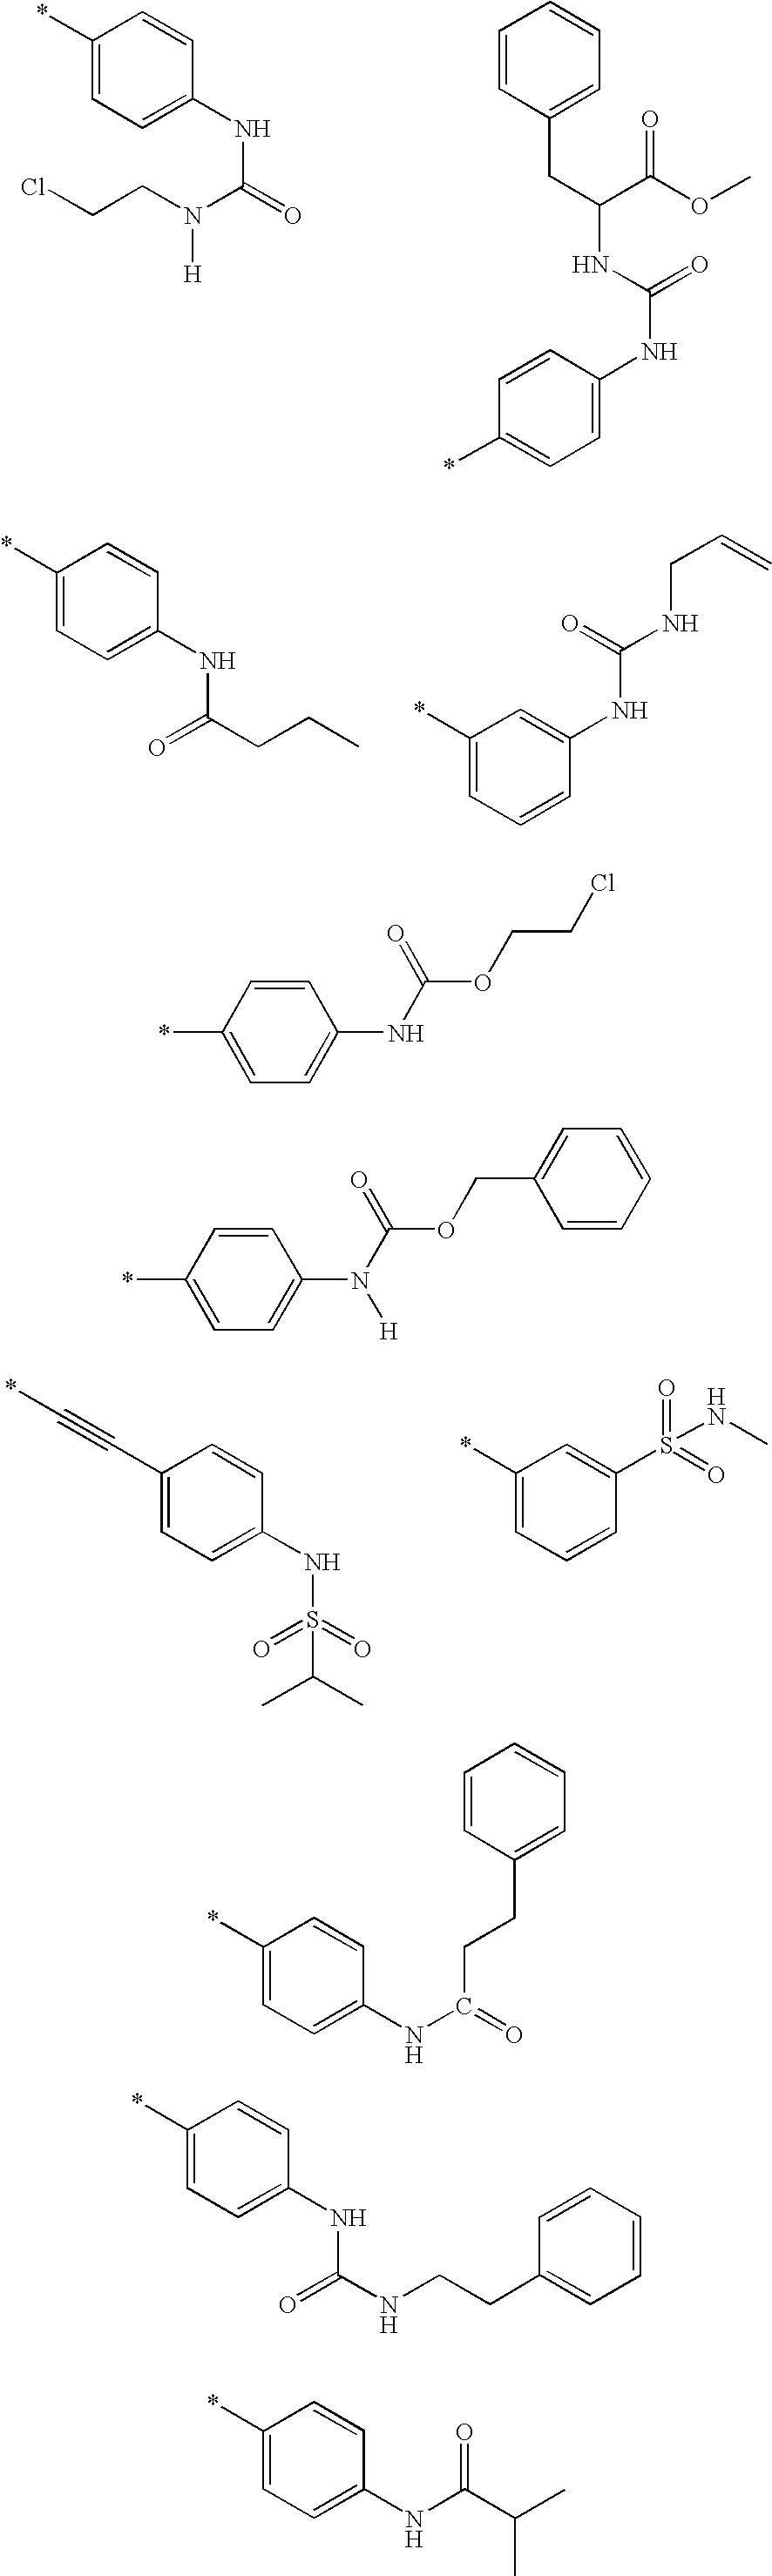 Figure US07781478-20100824-C00156